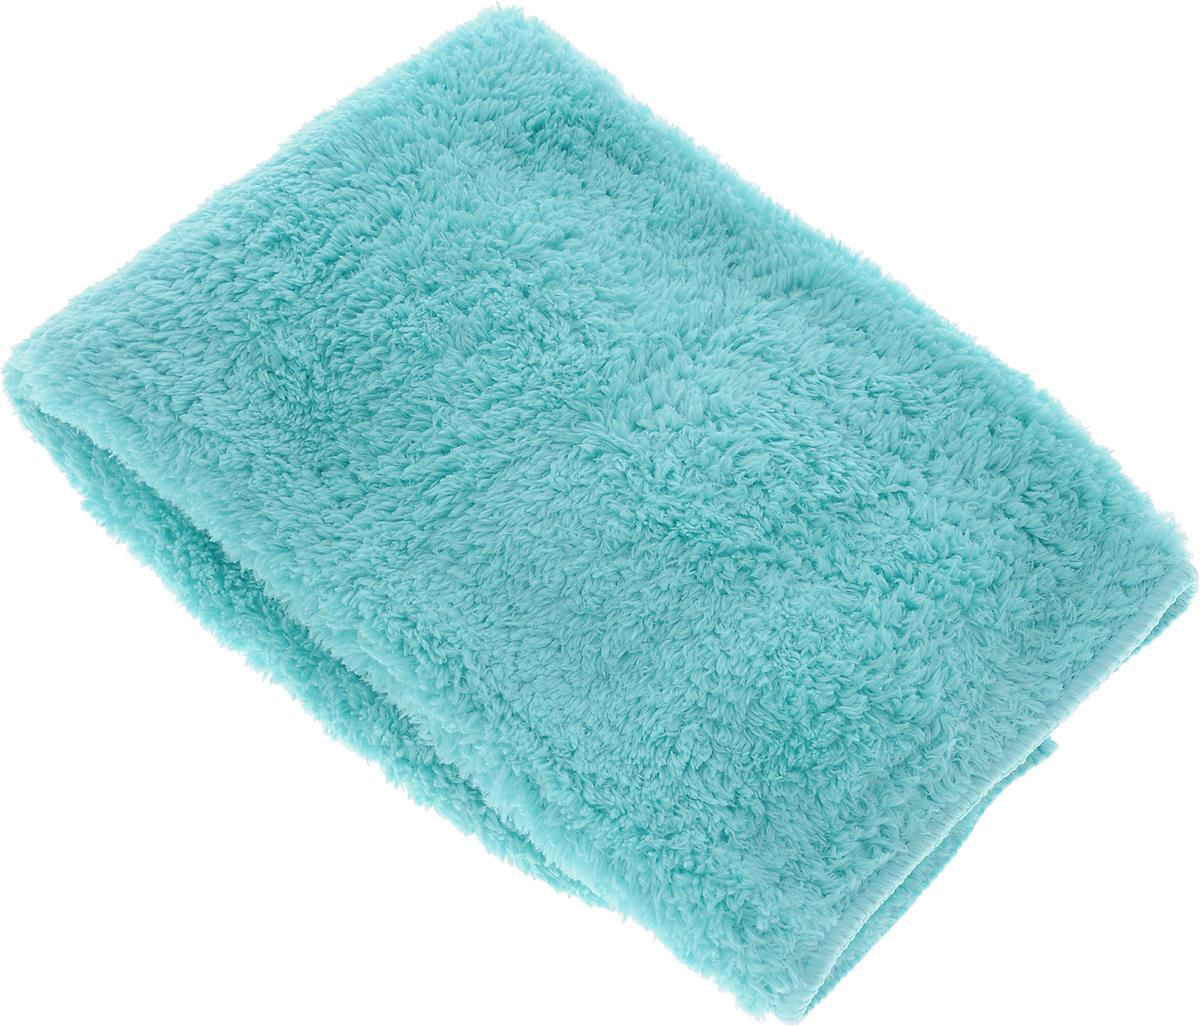 Салфетка чистящая Sapfire, для мытья и полировки автомобиля, цвет: бирюзовый, 40 х 40 см тени для век essence my must haves eyeshadow 04 цвет 04 brownie licious variant hex name 7b4619